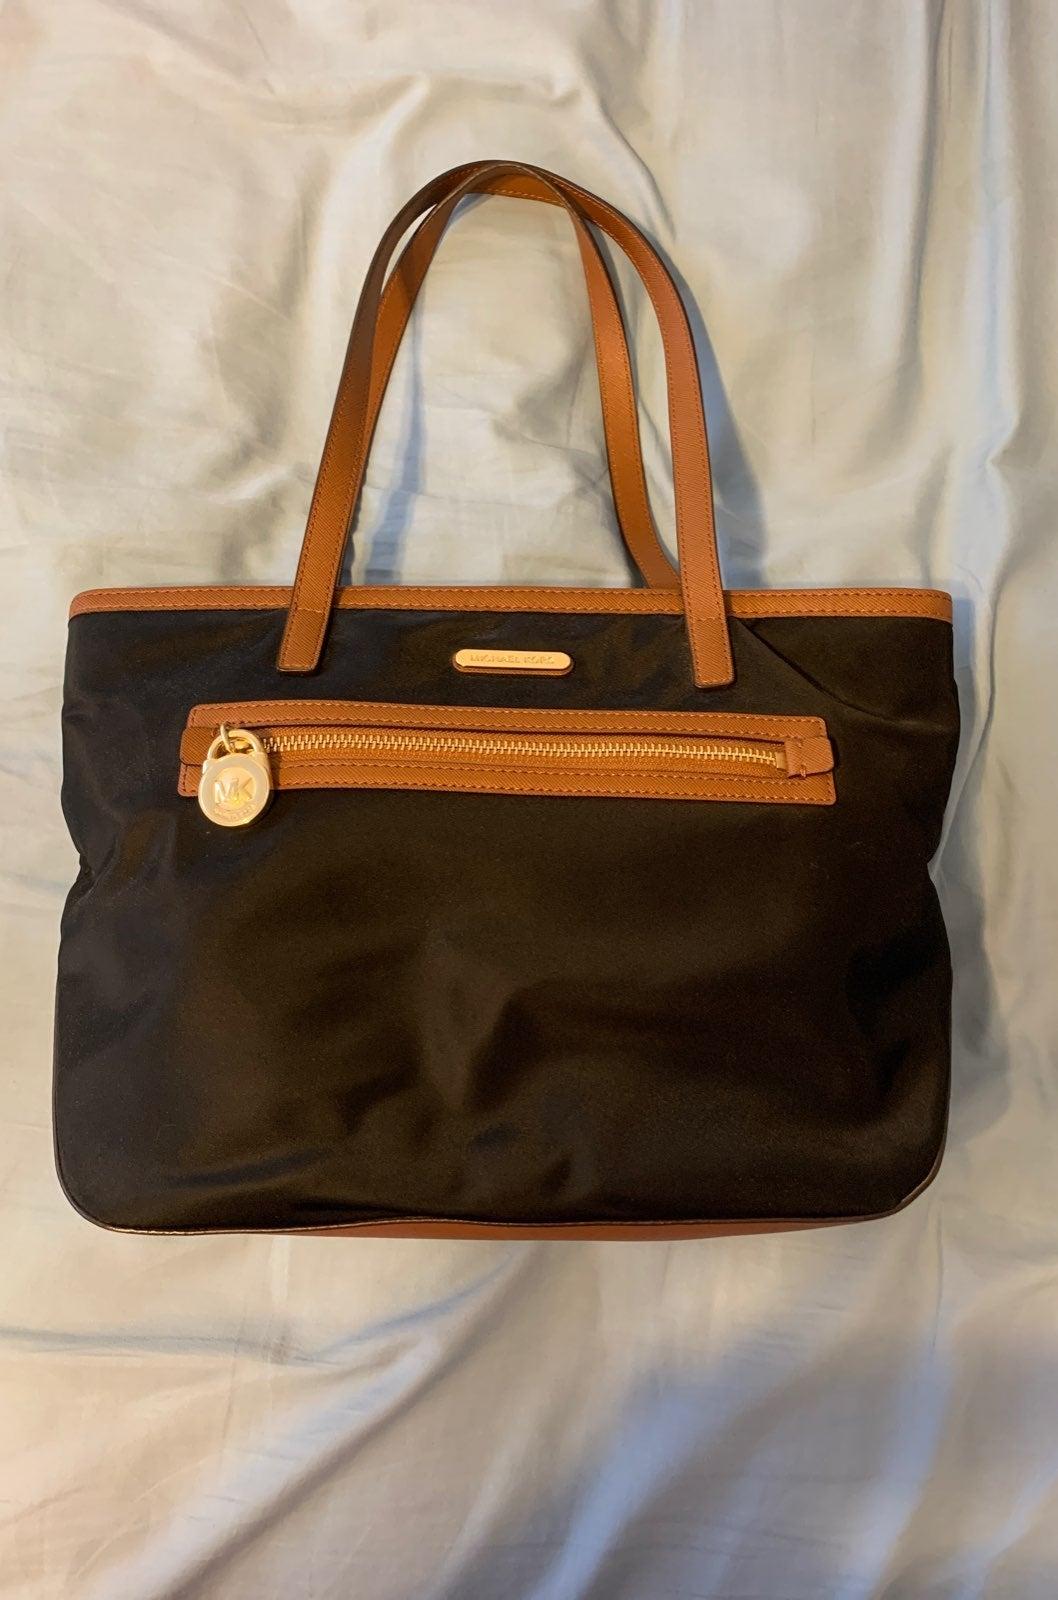 Michael Kors black nylon/leather purse